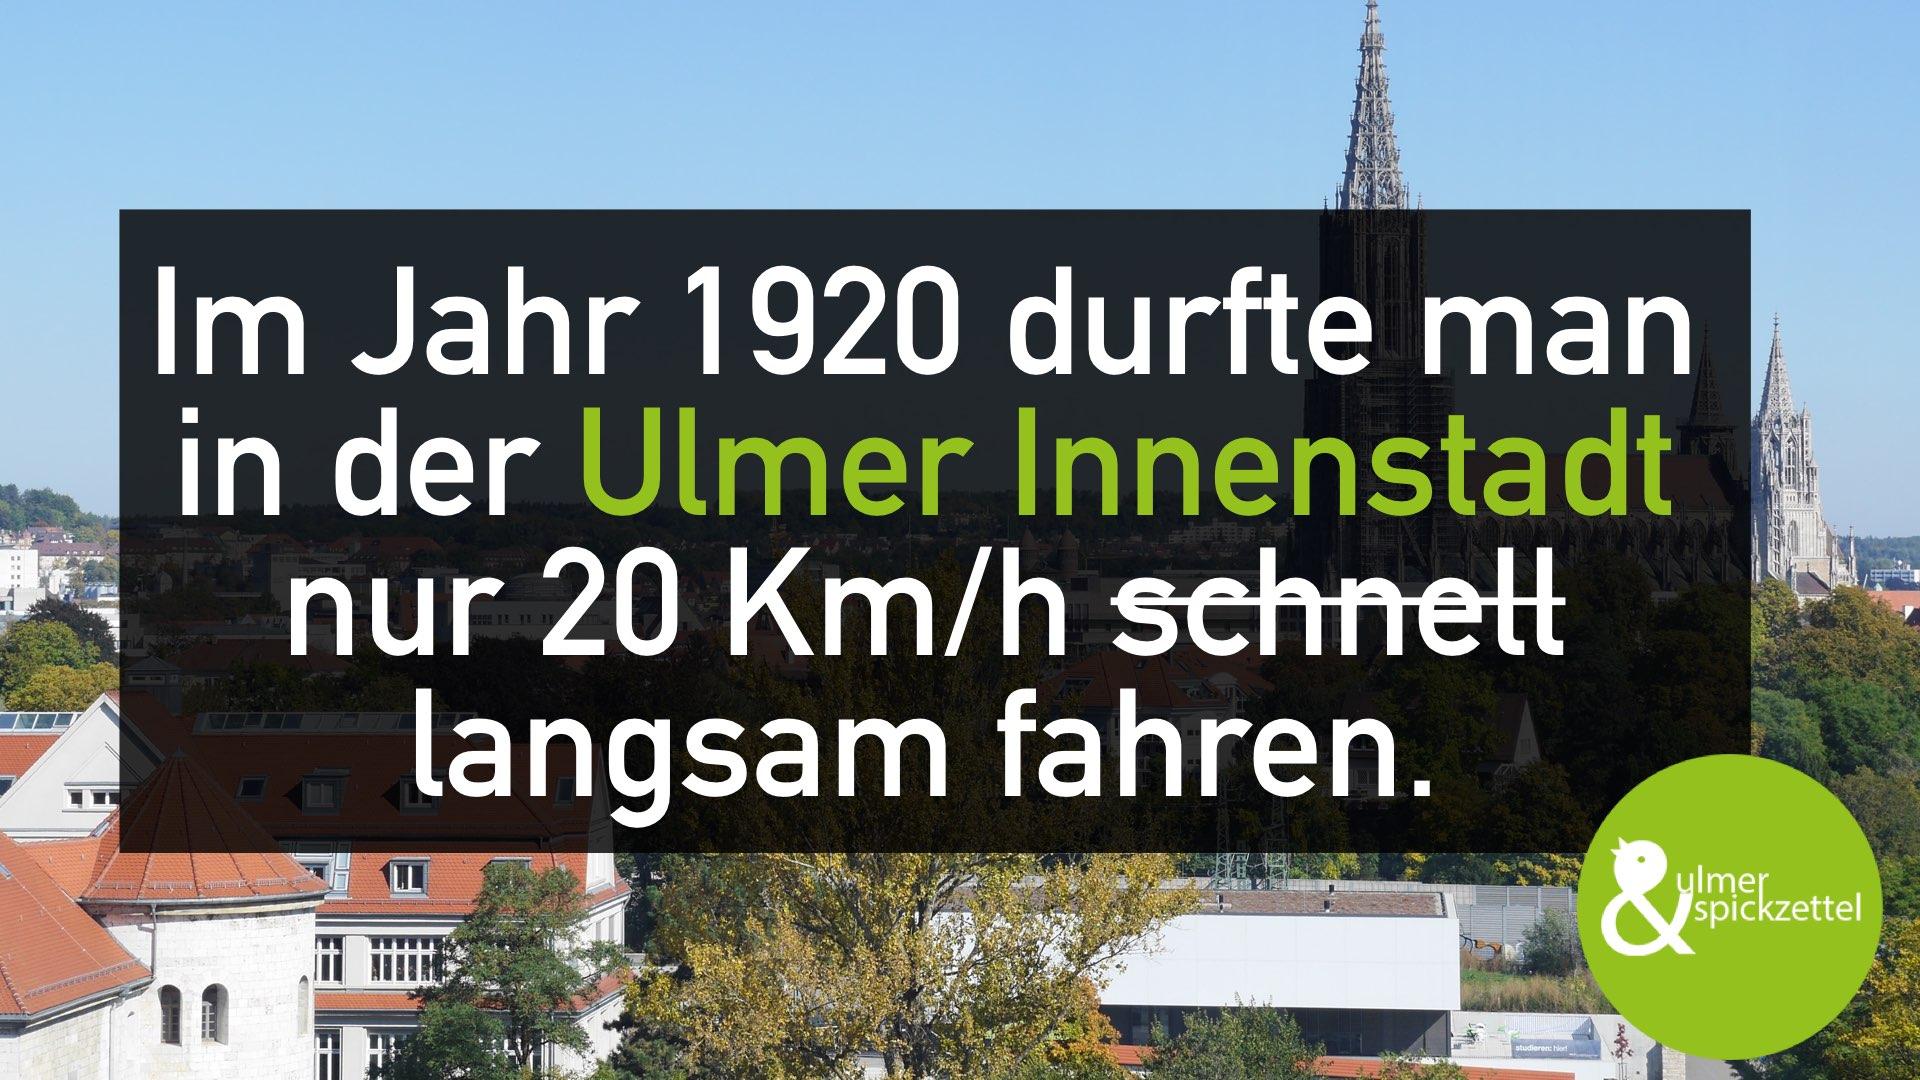 Aufgrund von Baustellen gehts grad in Ulm auch nicht viel schneller :-)